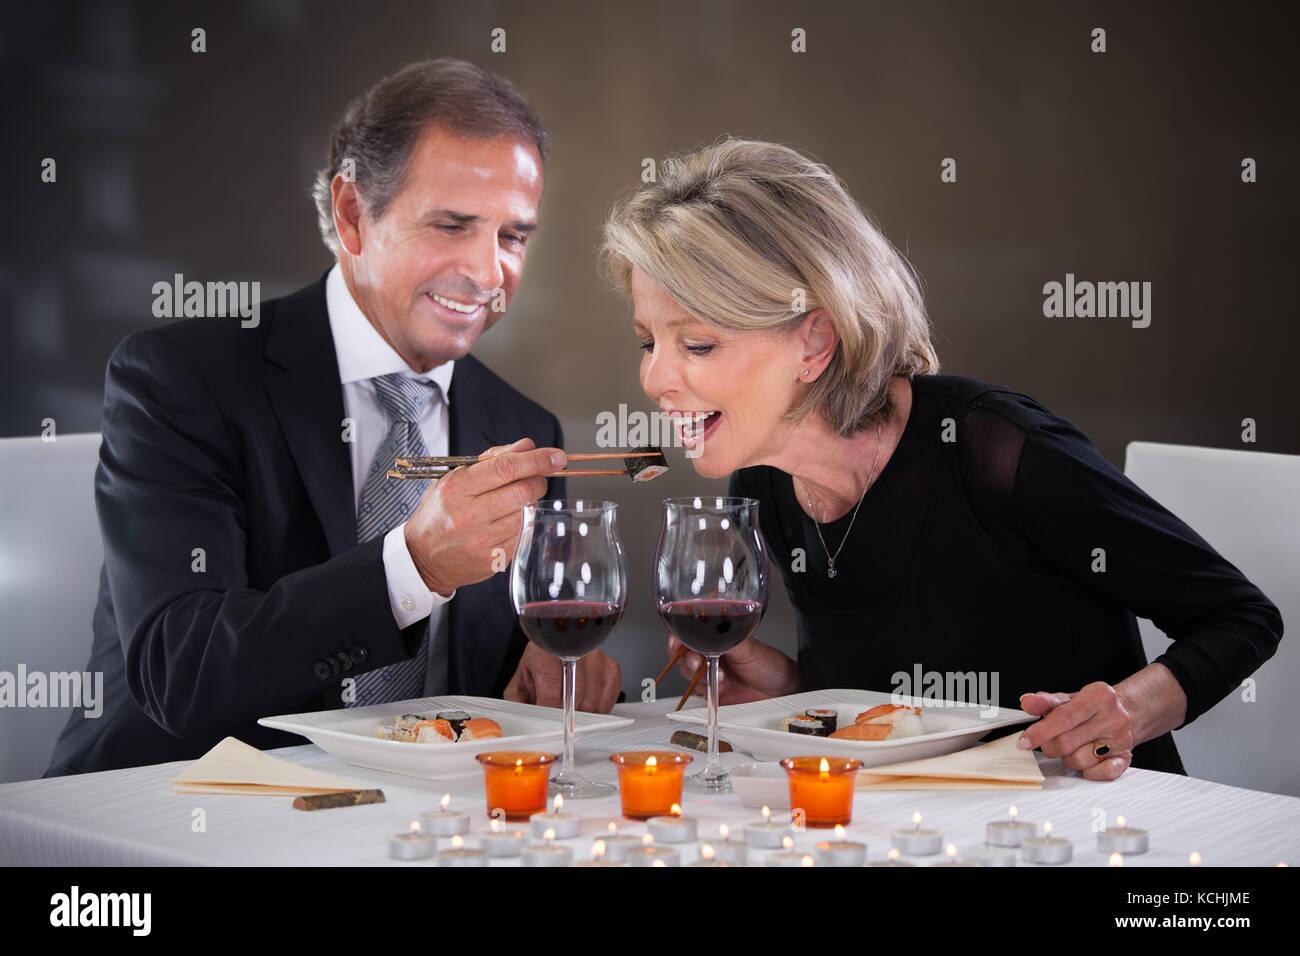 Romantico Coppia matura avente la cena al ristorante Immagini Stock